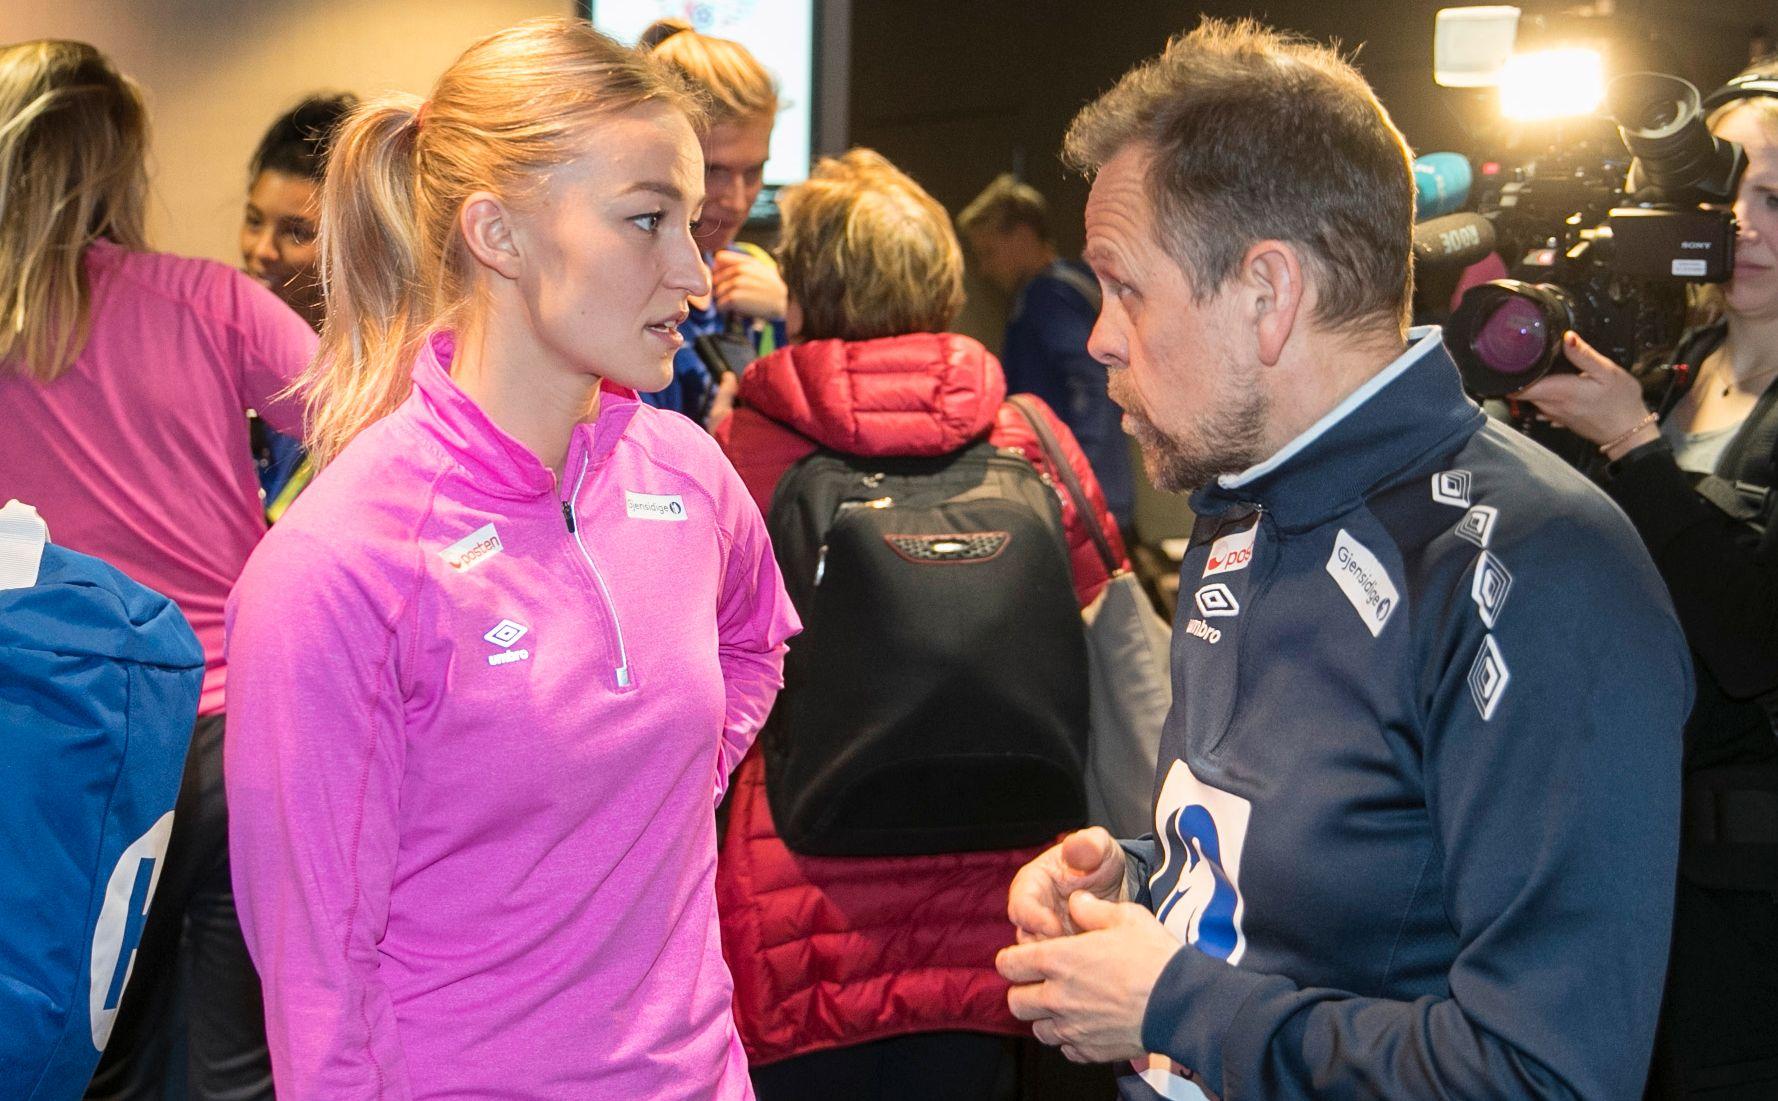 FOKUS TOKYO-OL: Ingen tvil om hva som står øverst på agendaen for Stine Bredal Oftedal og Thorir Hergeirsson de neste to årene.